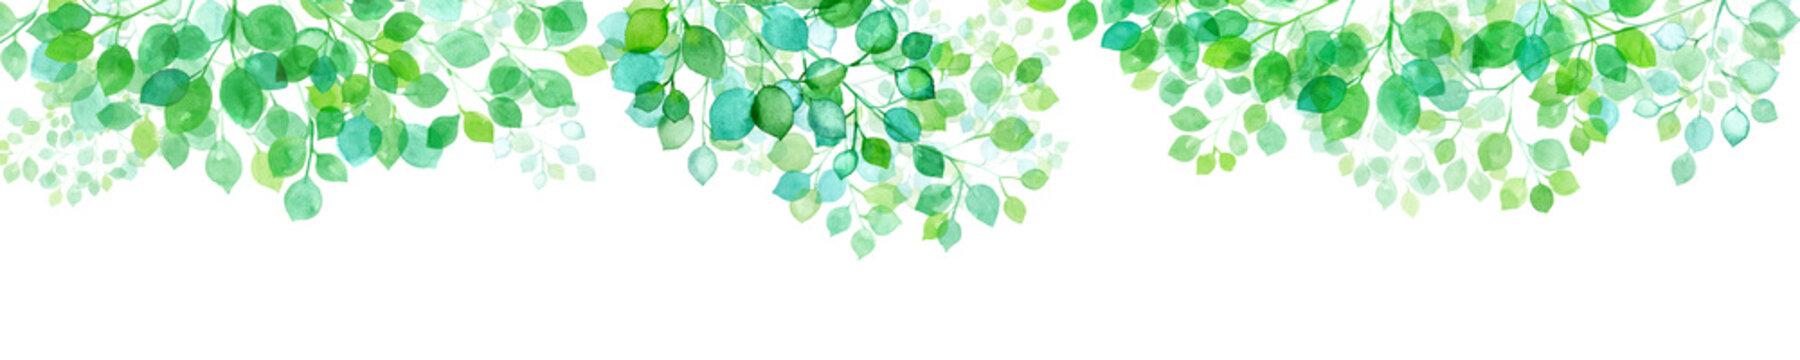 新緑。木漏れ日の背景。水彩イラスト。